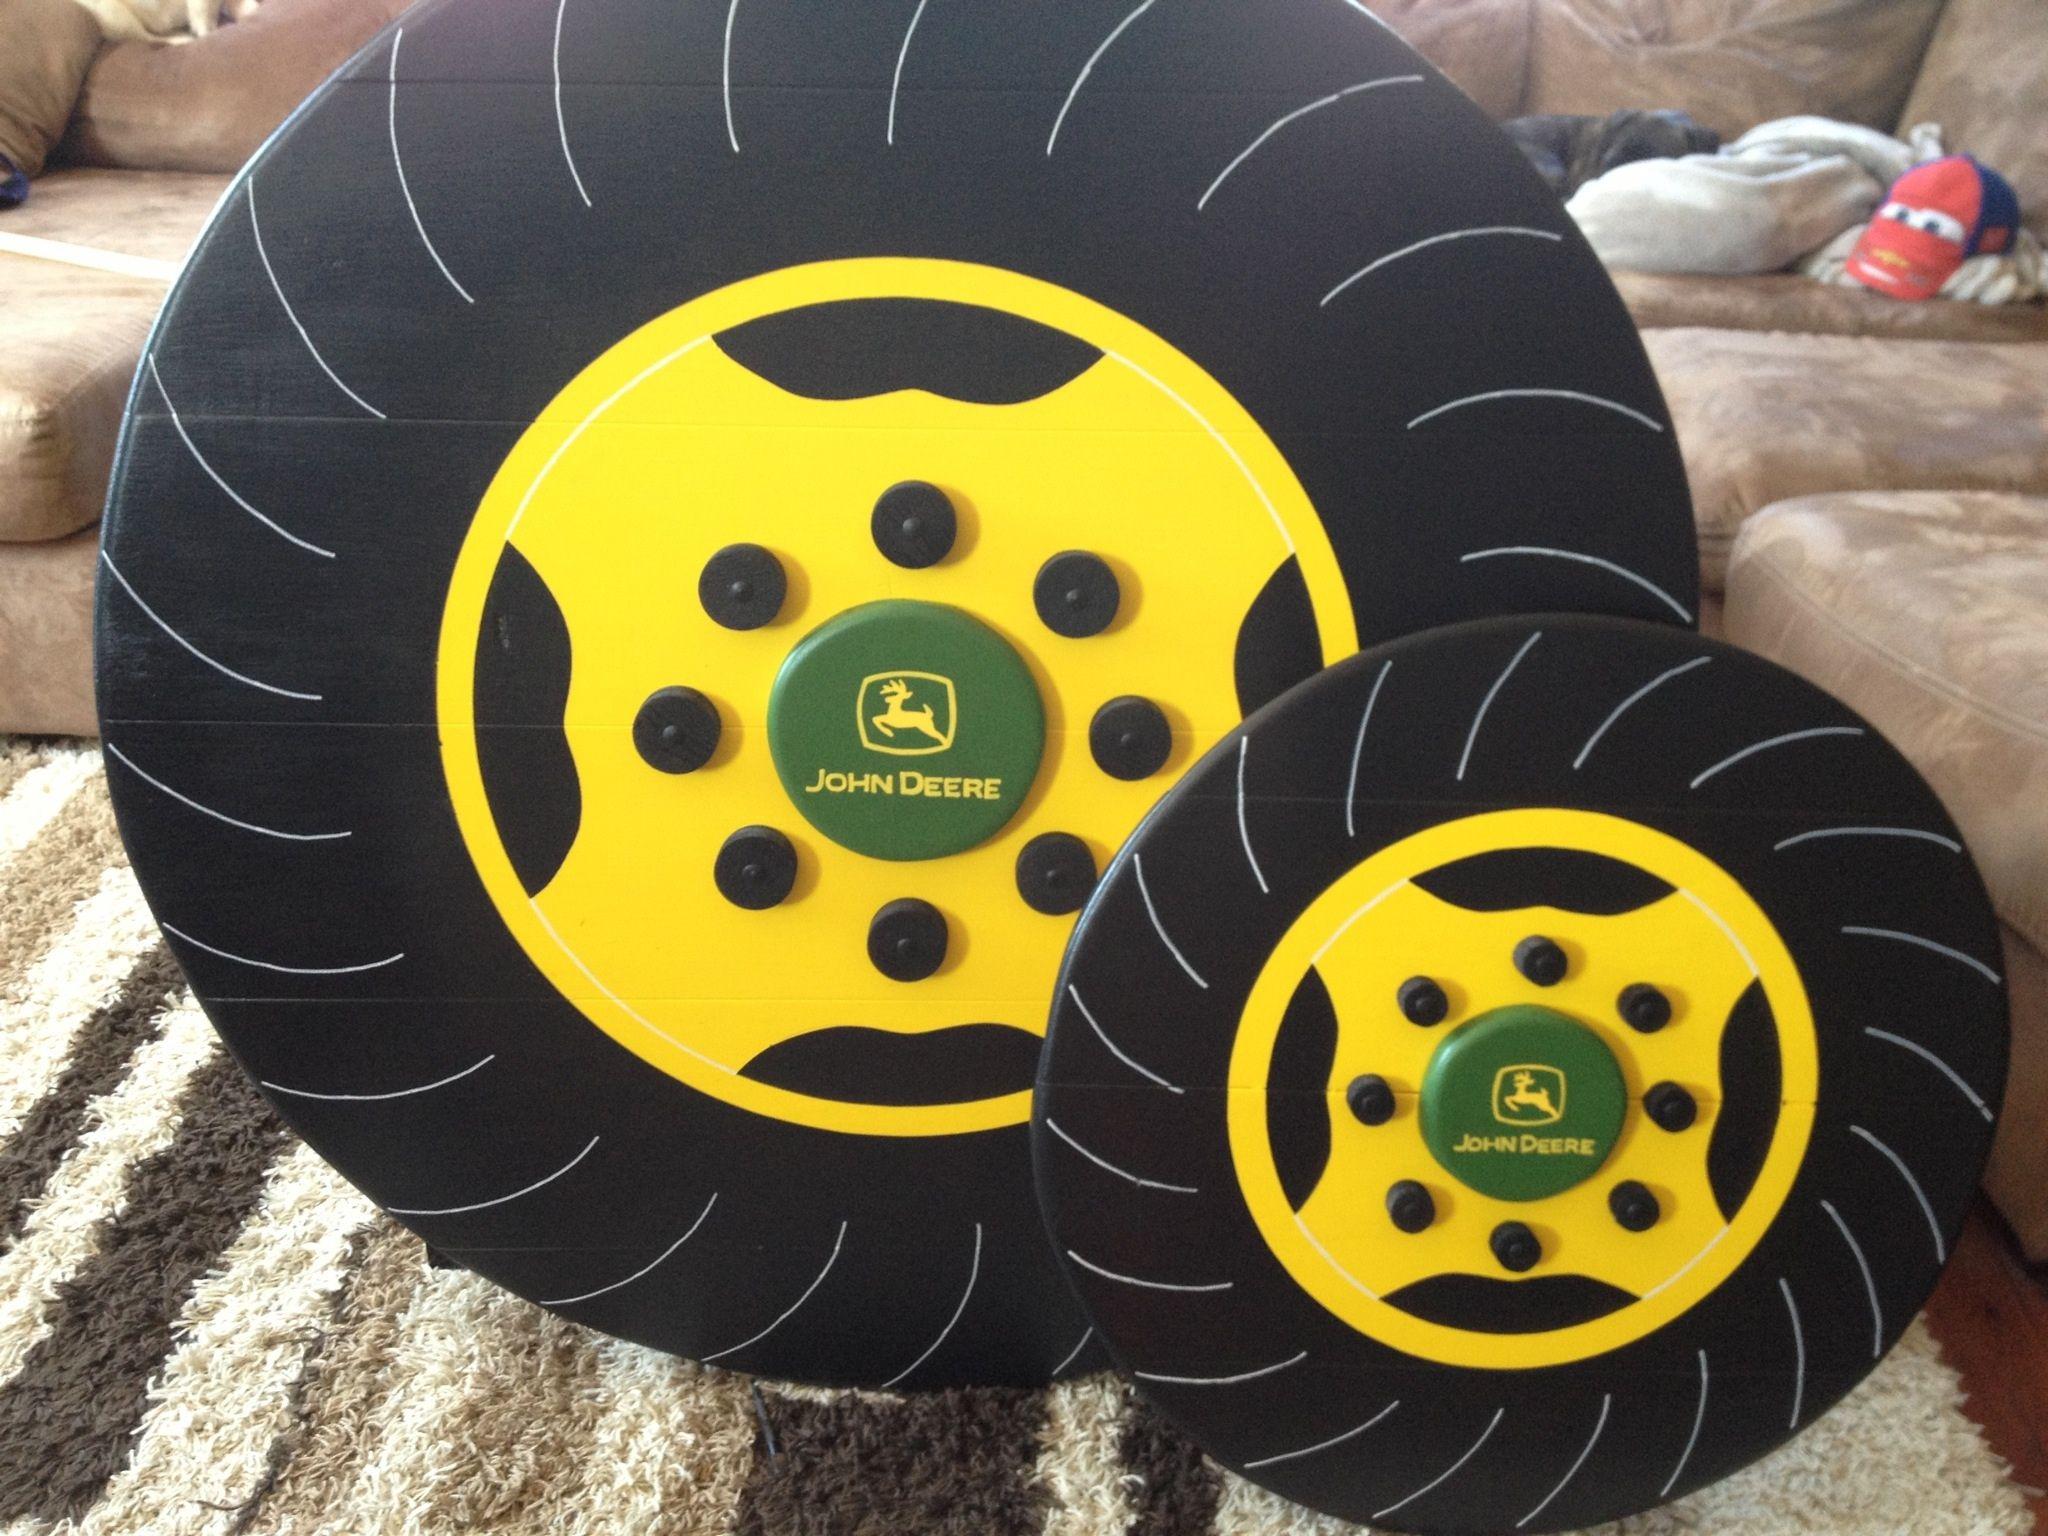 John Deere Bunk Bed Tires Kid S Room Bunk Beds Bed Tractor Bed